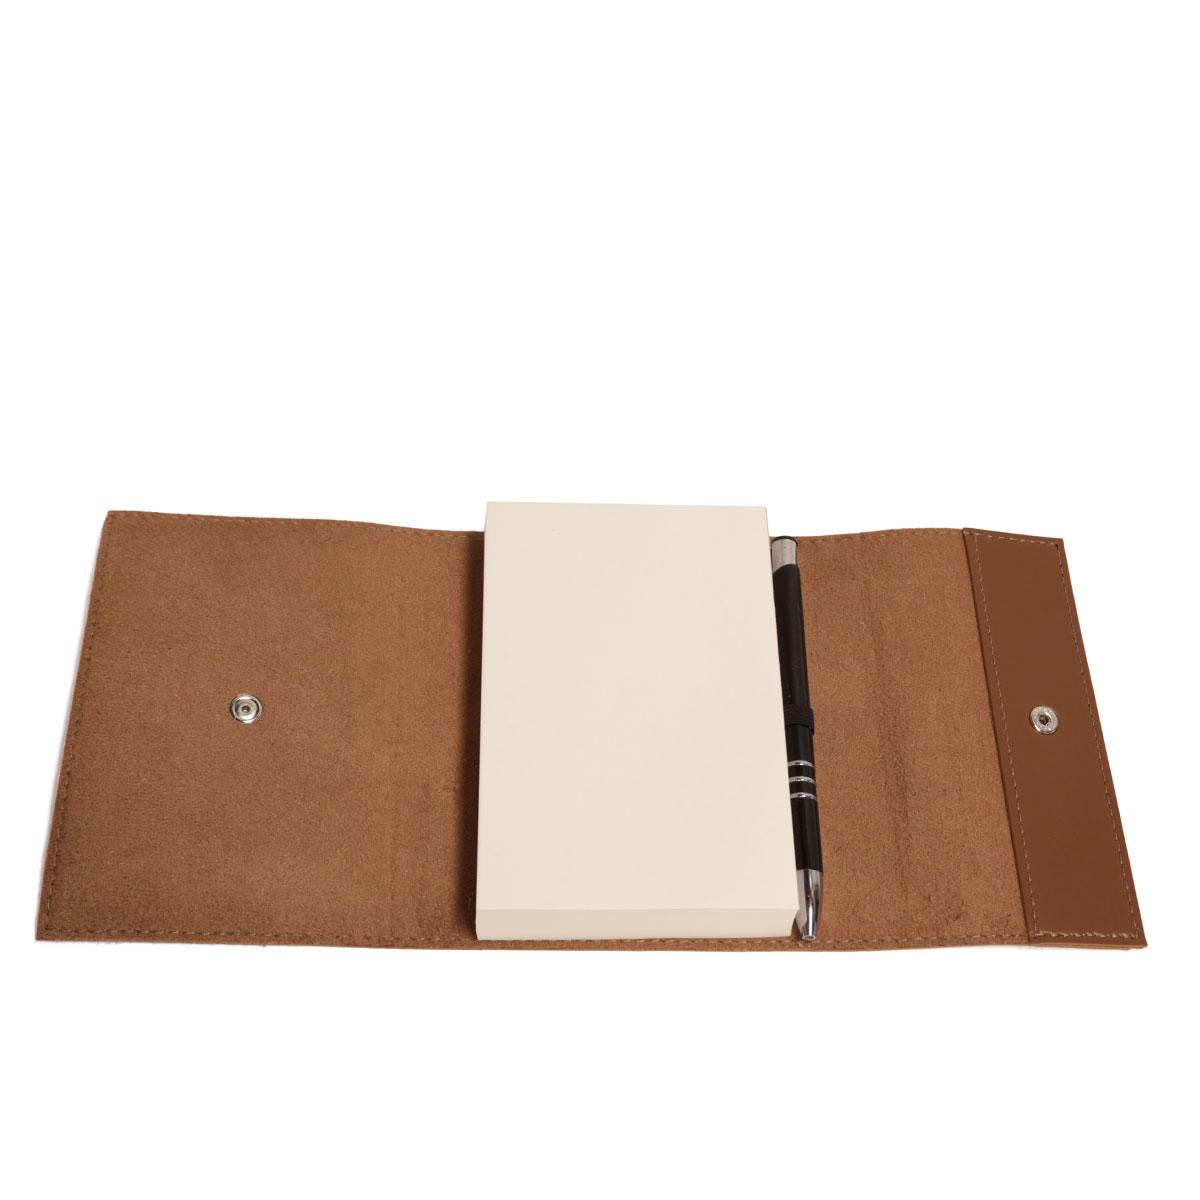 Bloco envelope com caneta (Montana Havana)